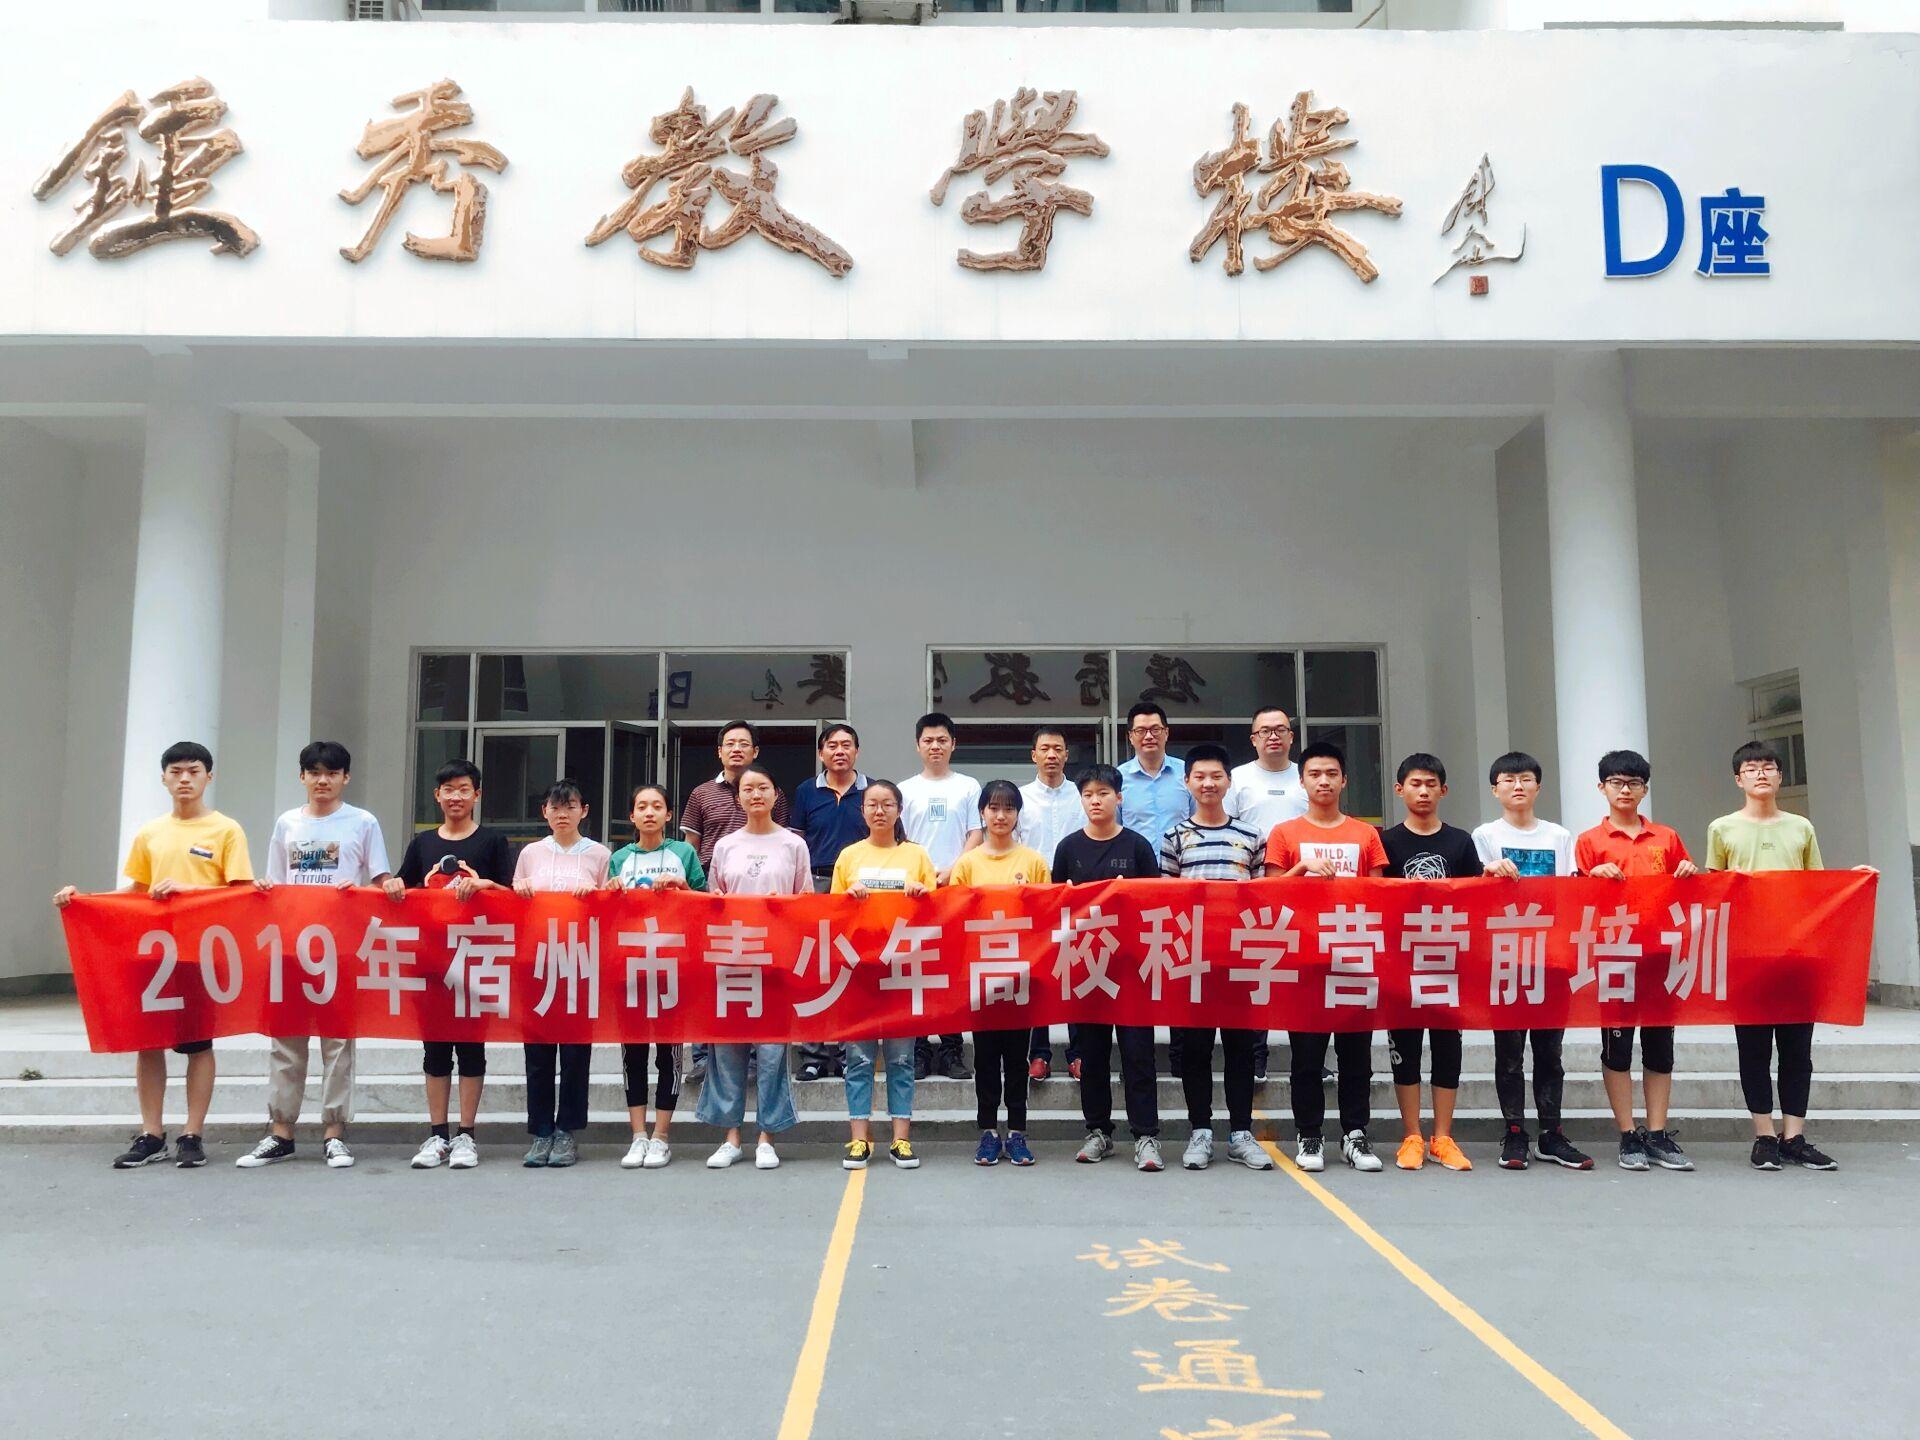 兴发娱乐官网举办2019年全国高校科学营营前培训会